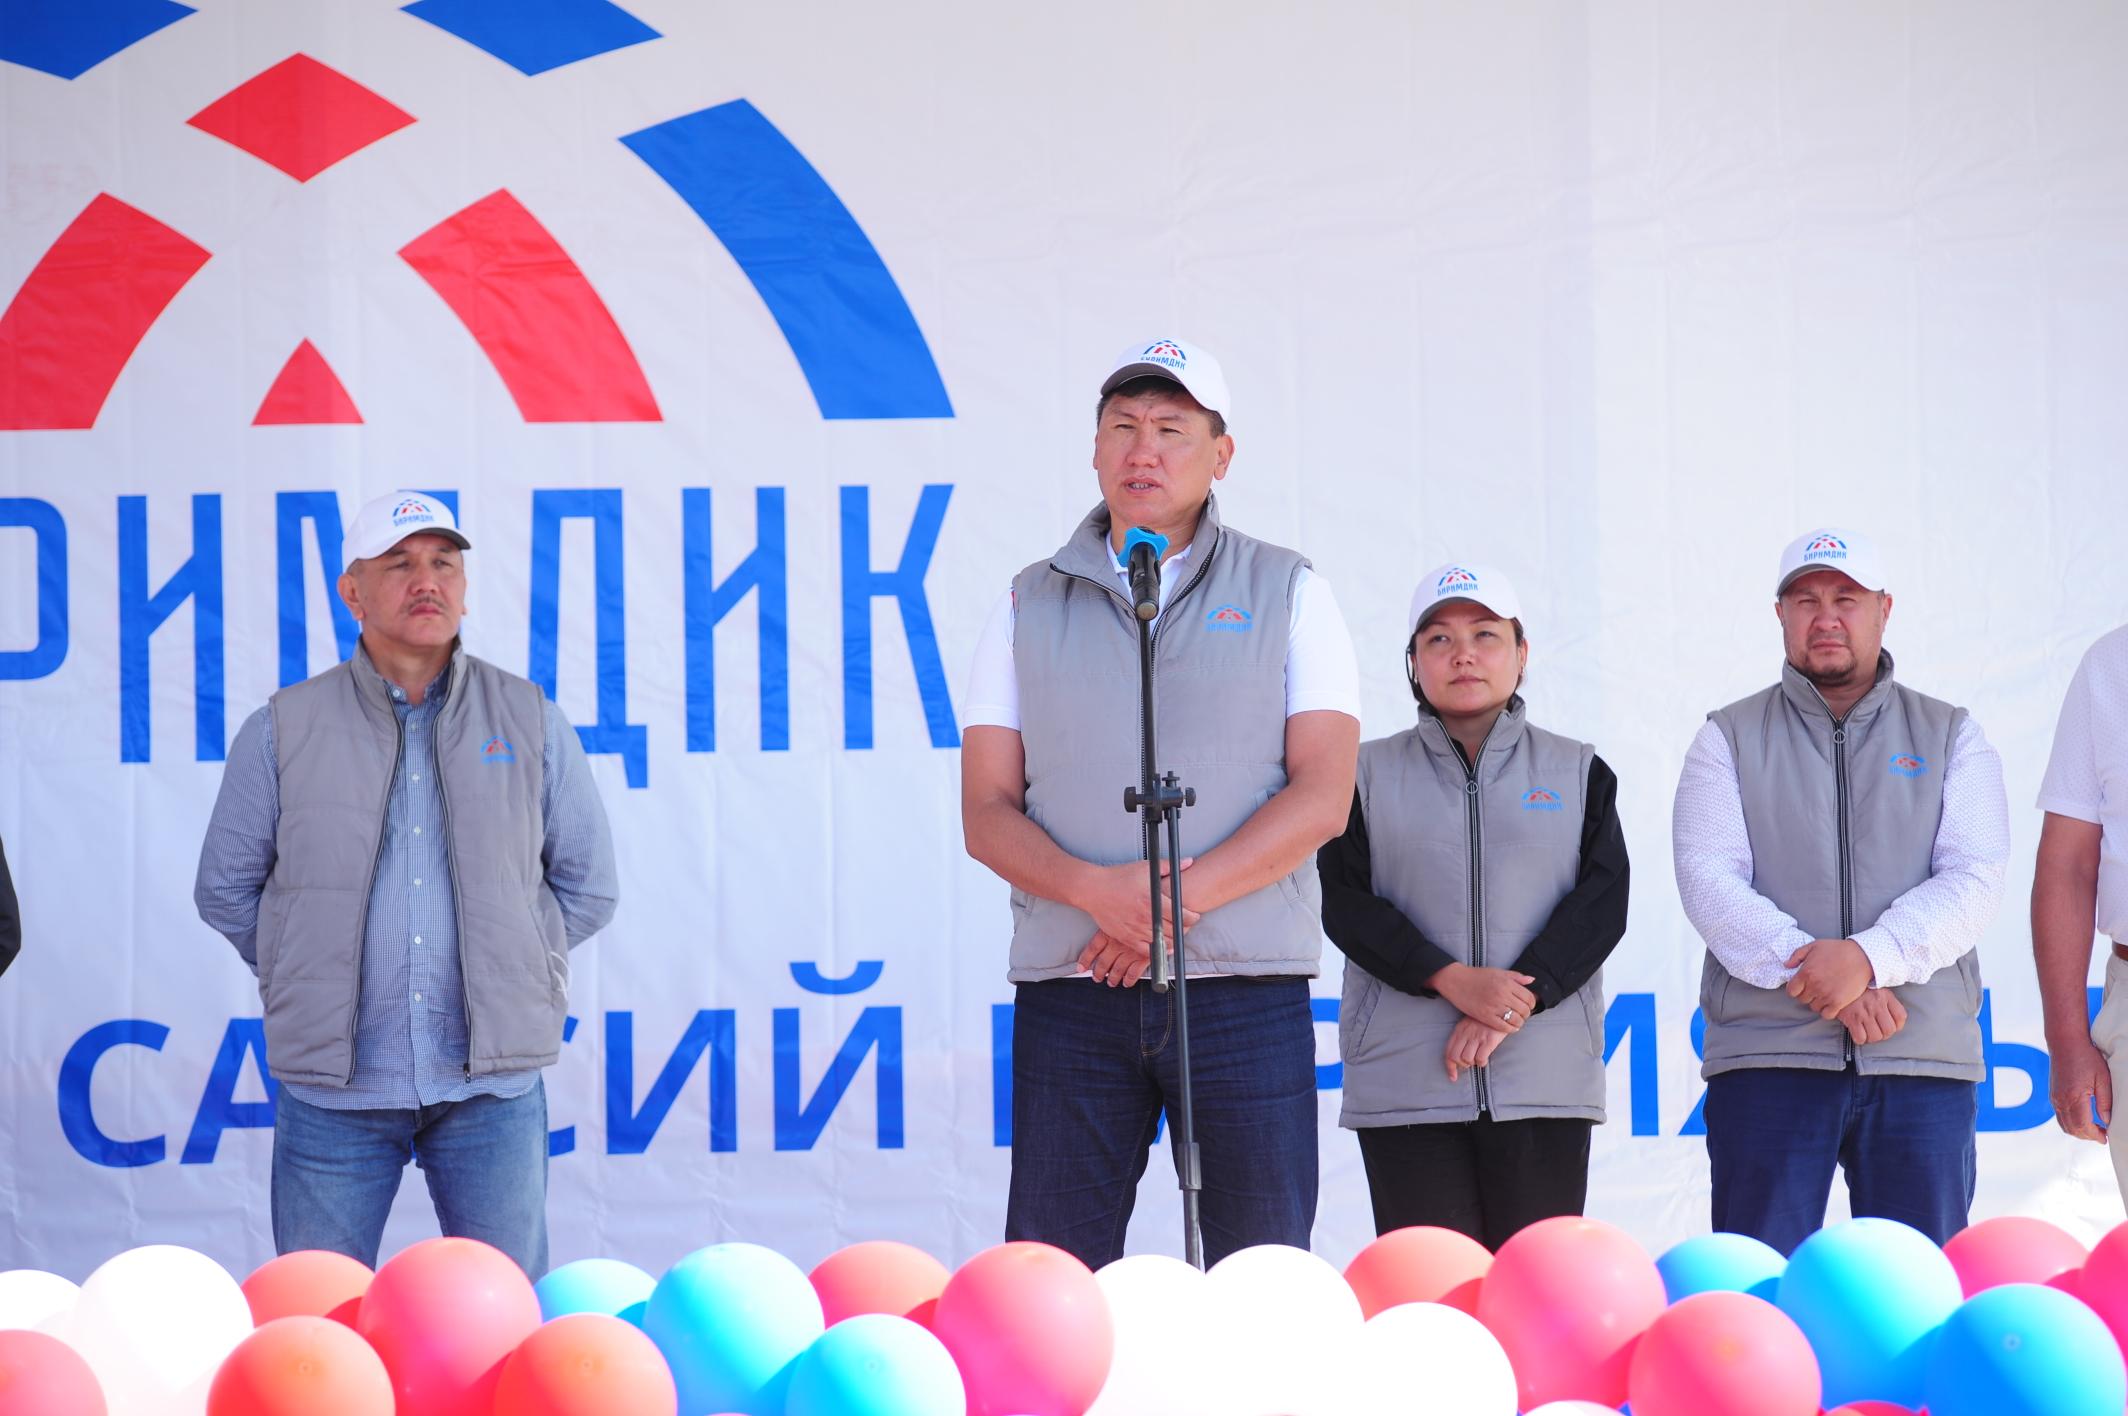 Улукбек Кочкоров: «Биримдик» жергиликтүү ѳндүрүшчүлѳрдү колдой турган механизмди сунуштап жатабыз